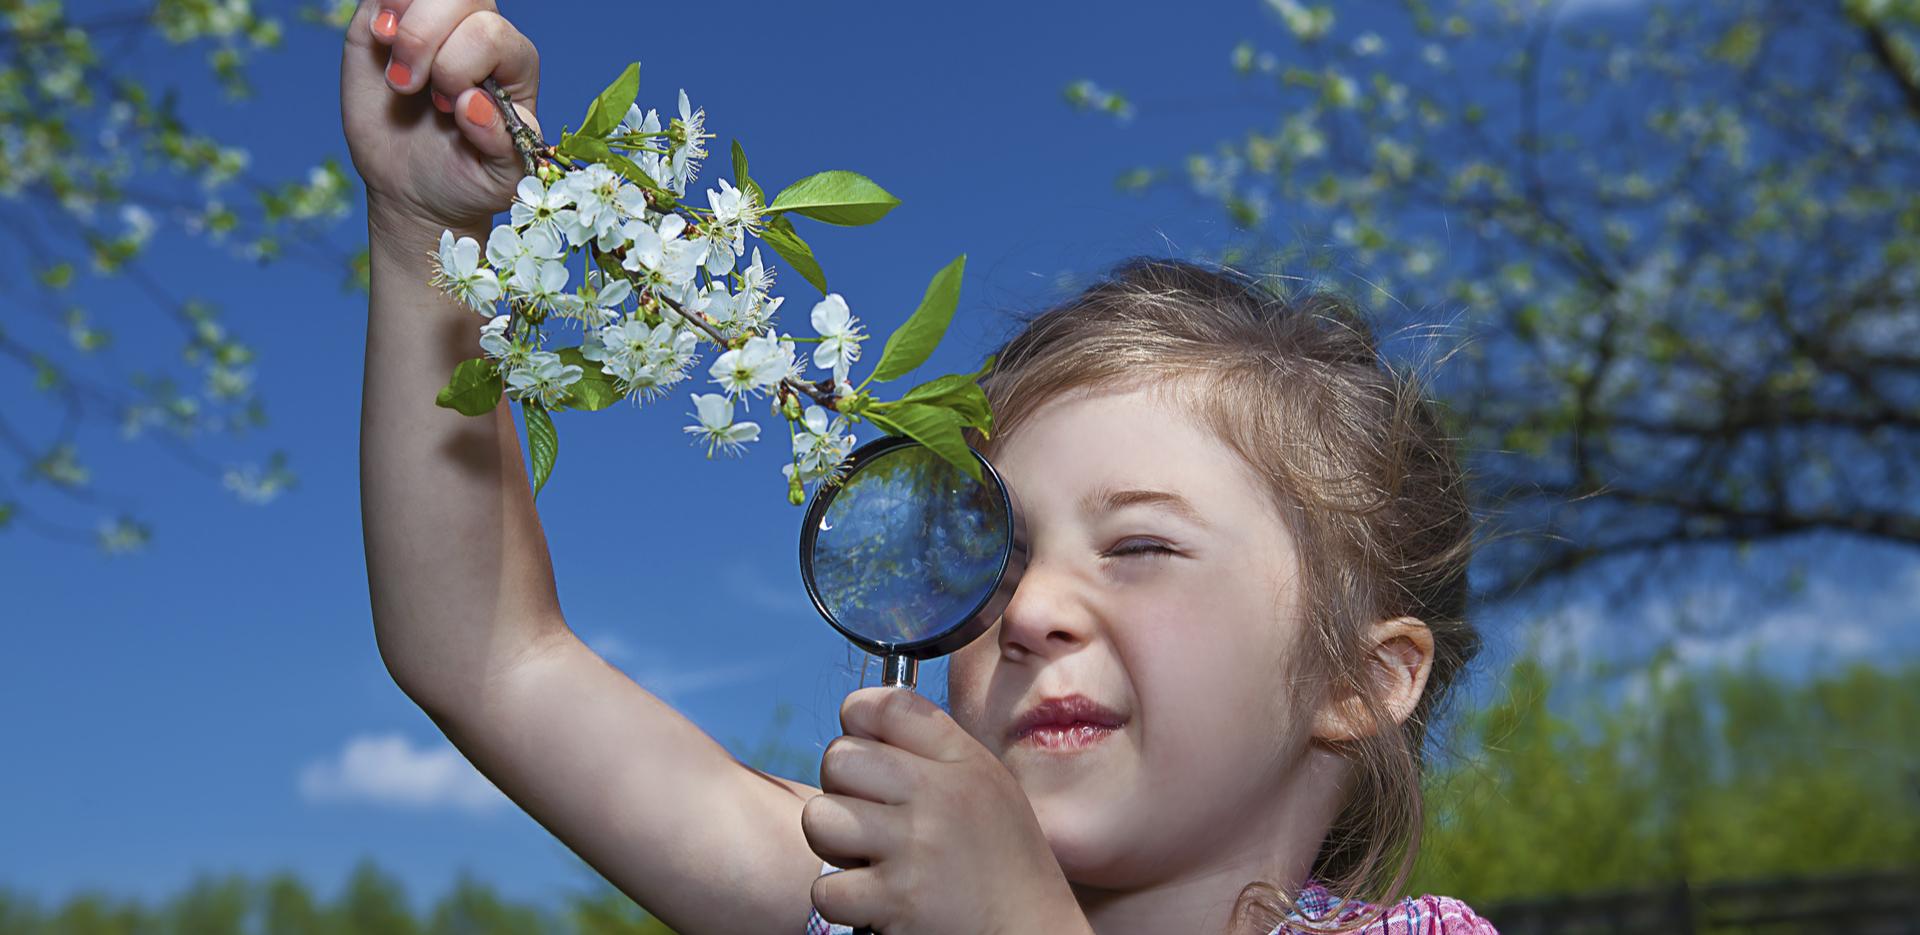 Children experiencing nature